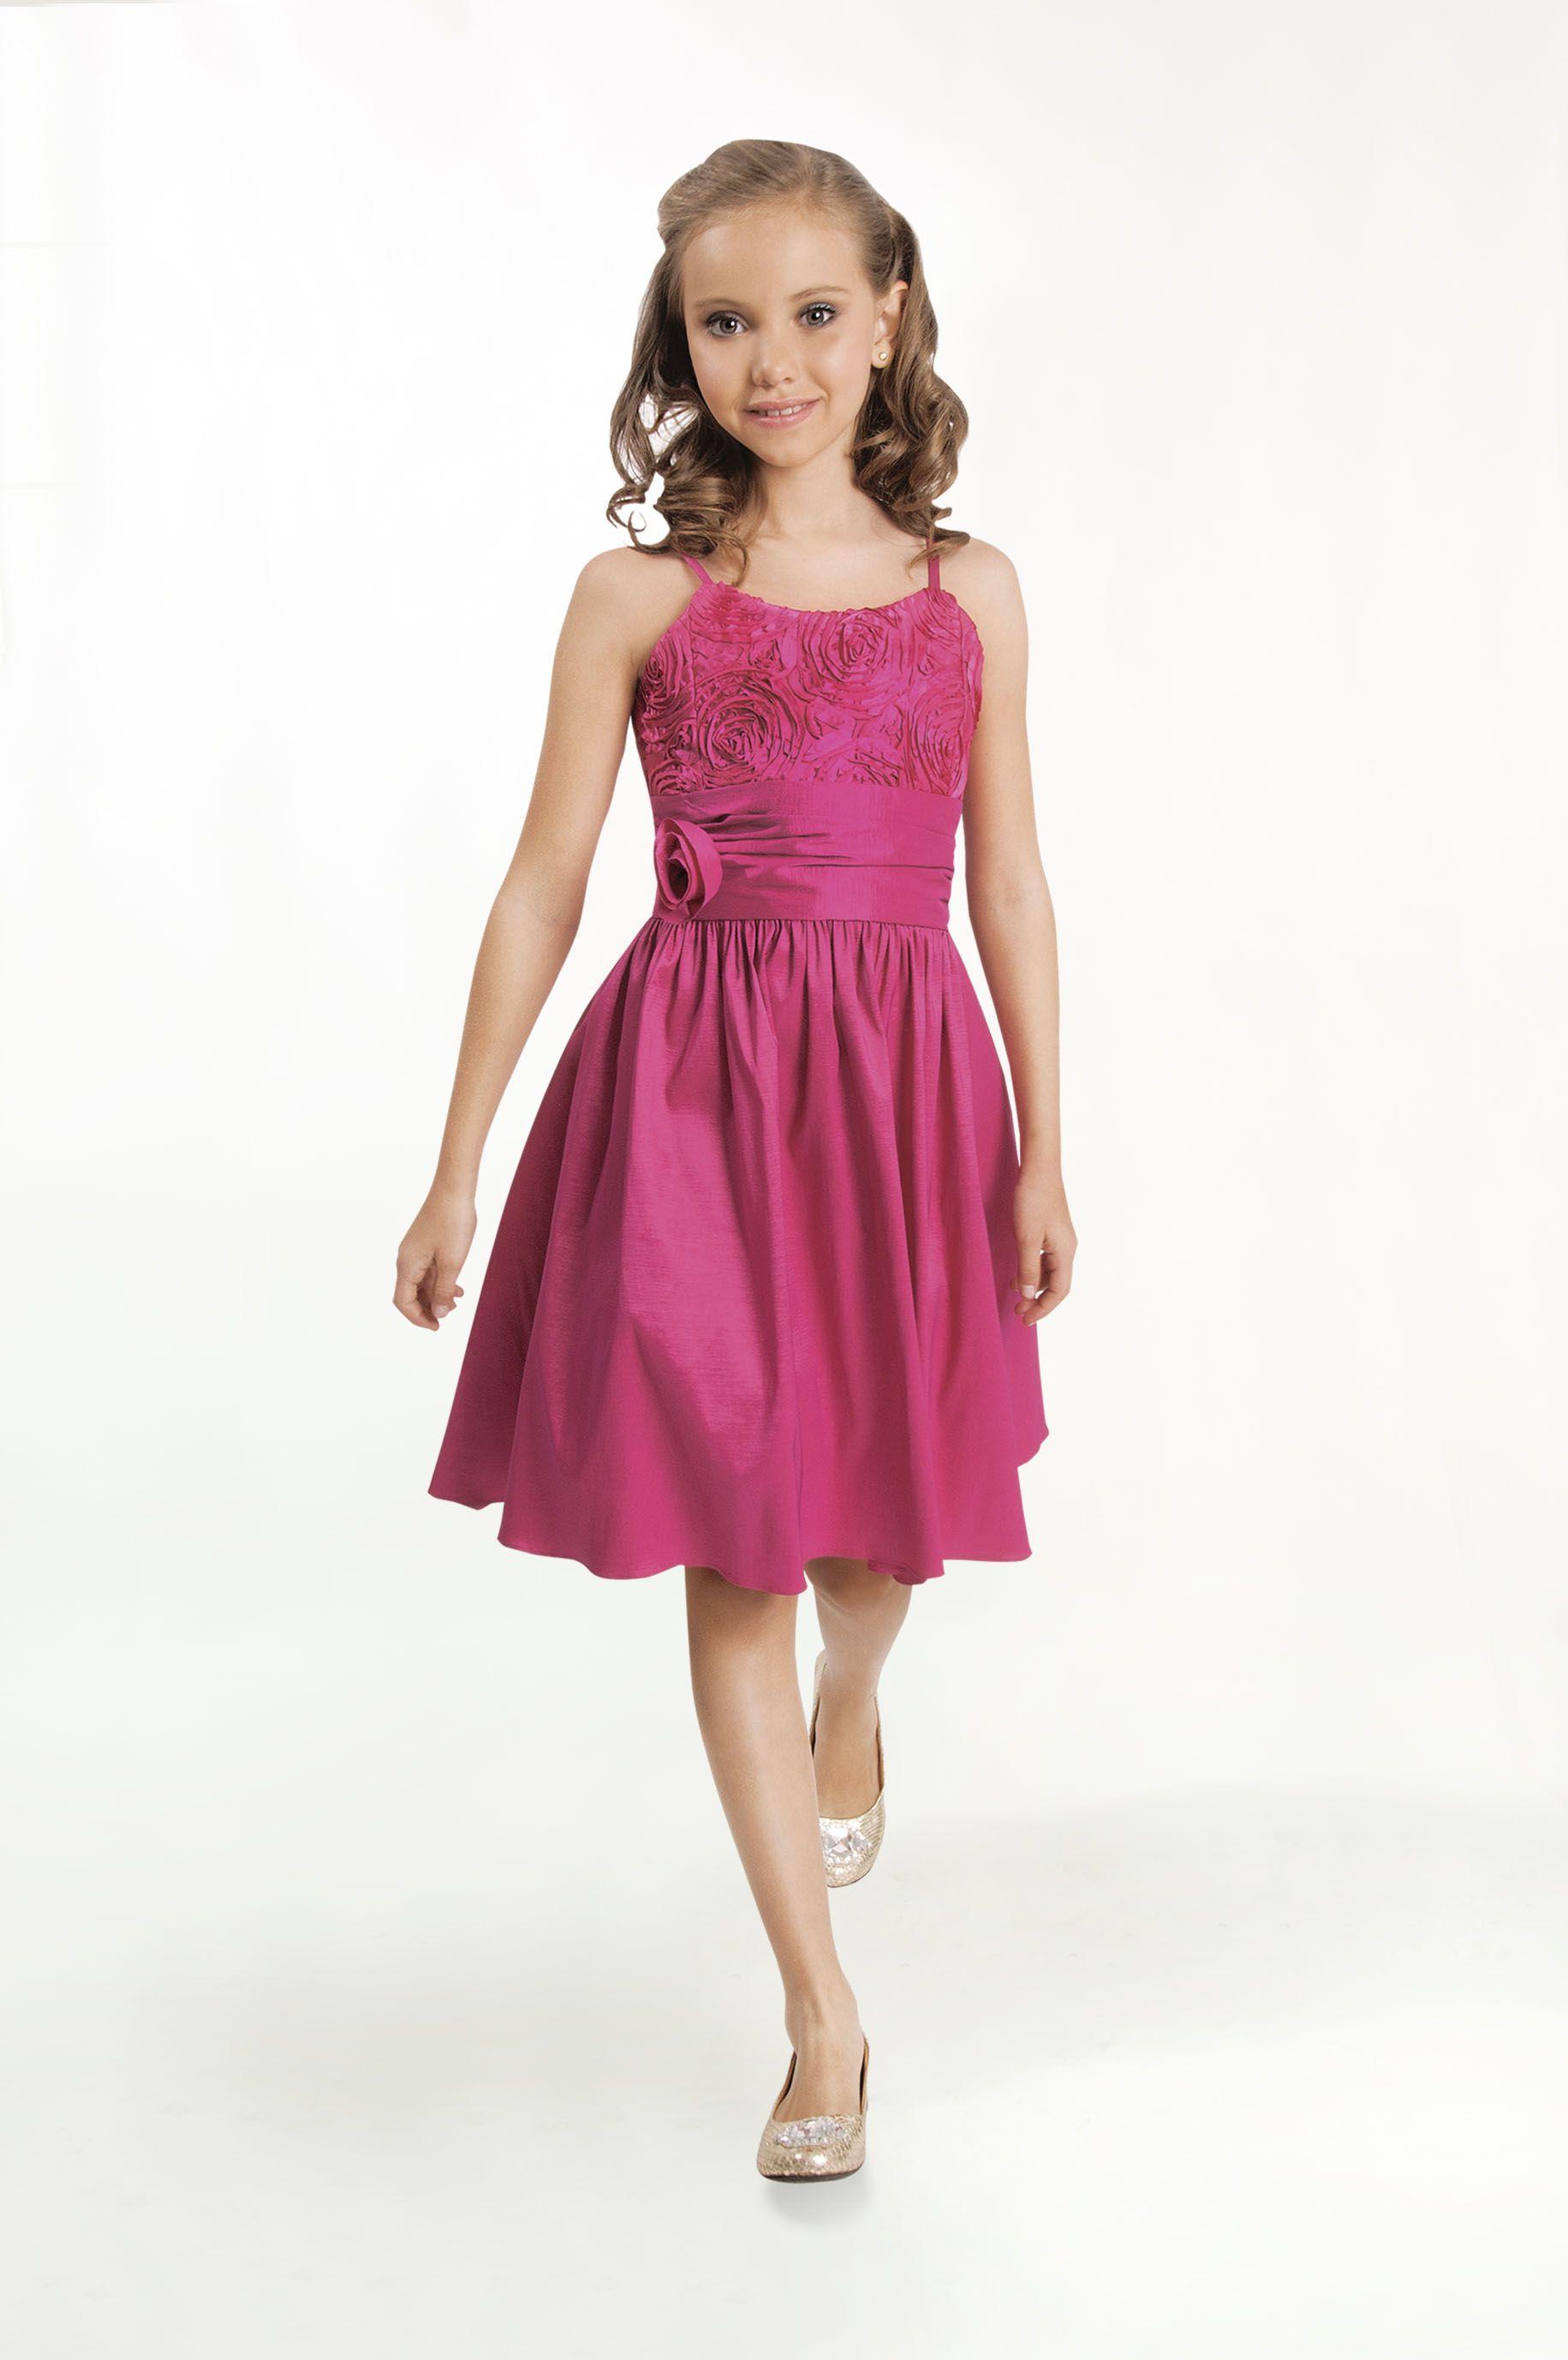 Modelo Vestido 3CC02123 - $999 | outfits | Pinterest | Modelado, Liz ...